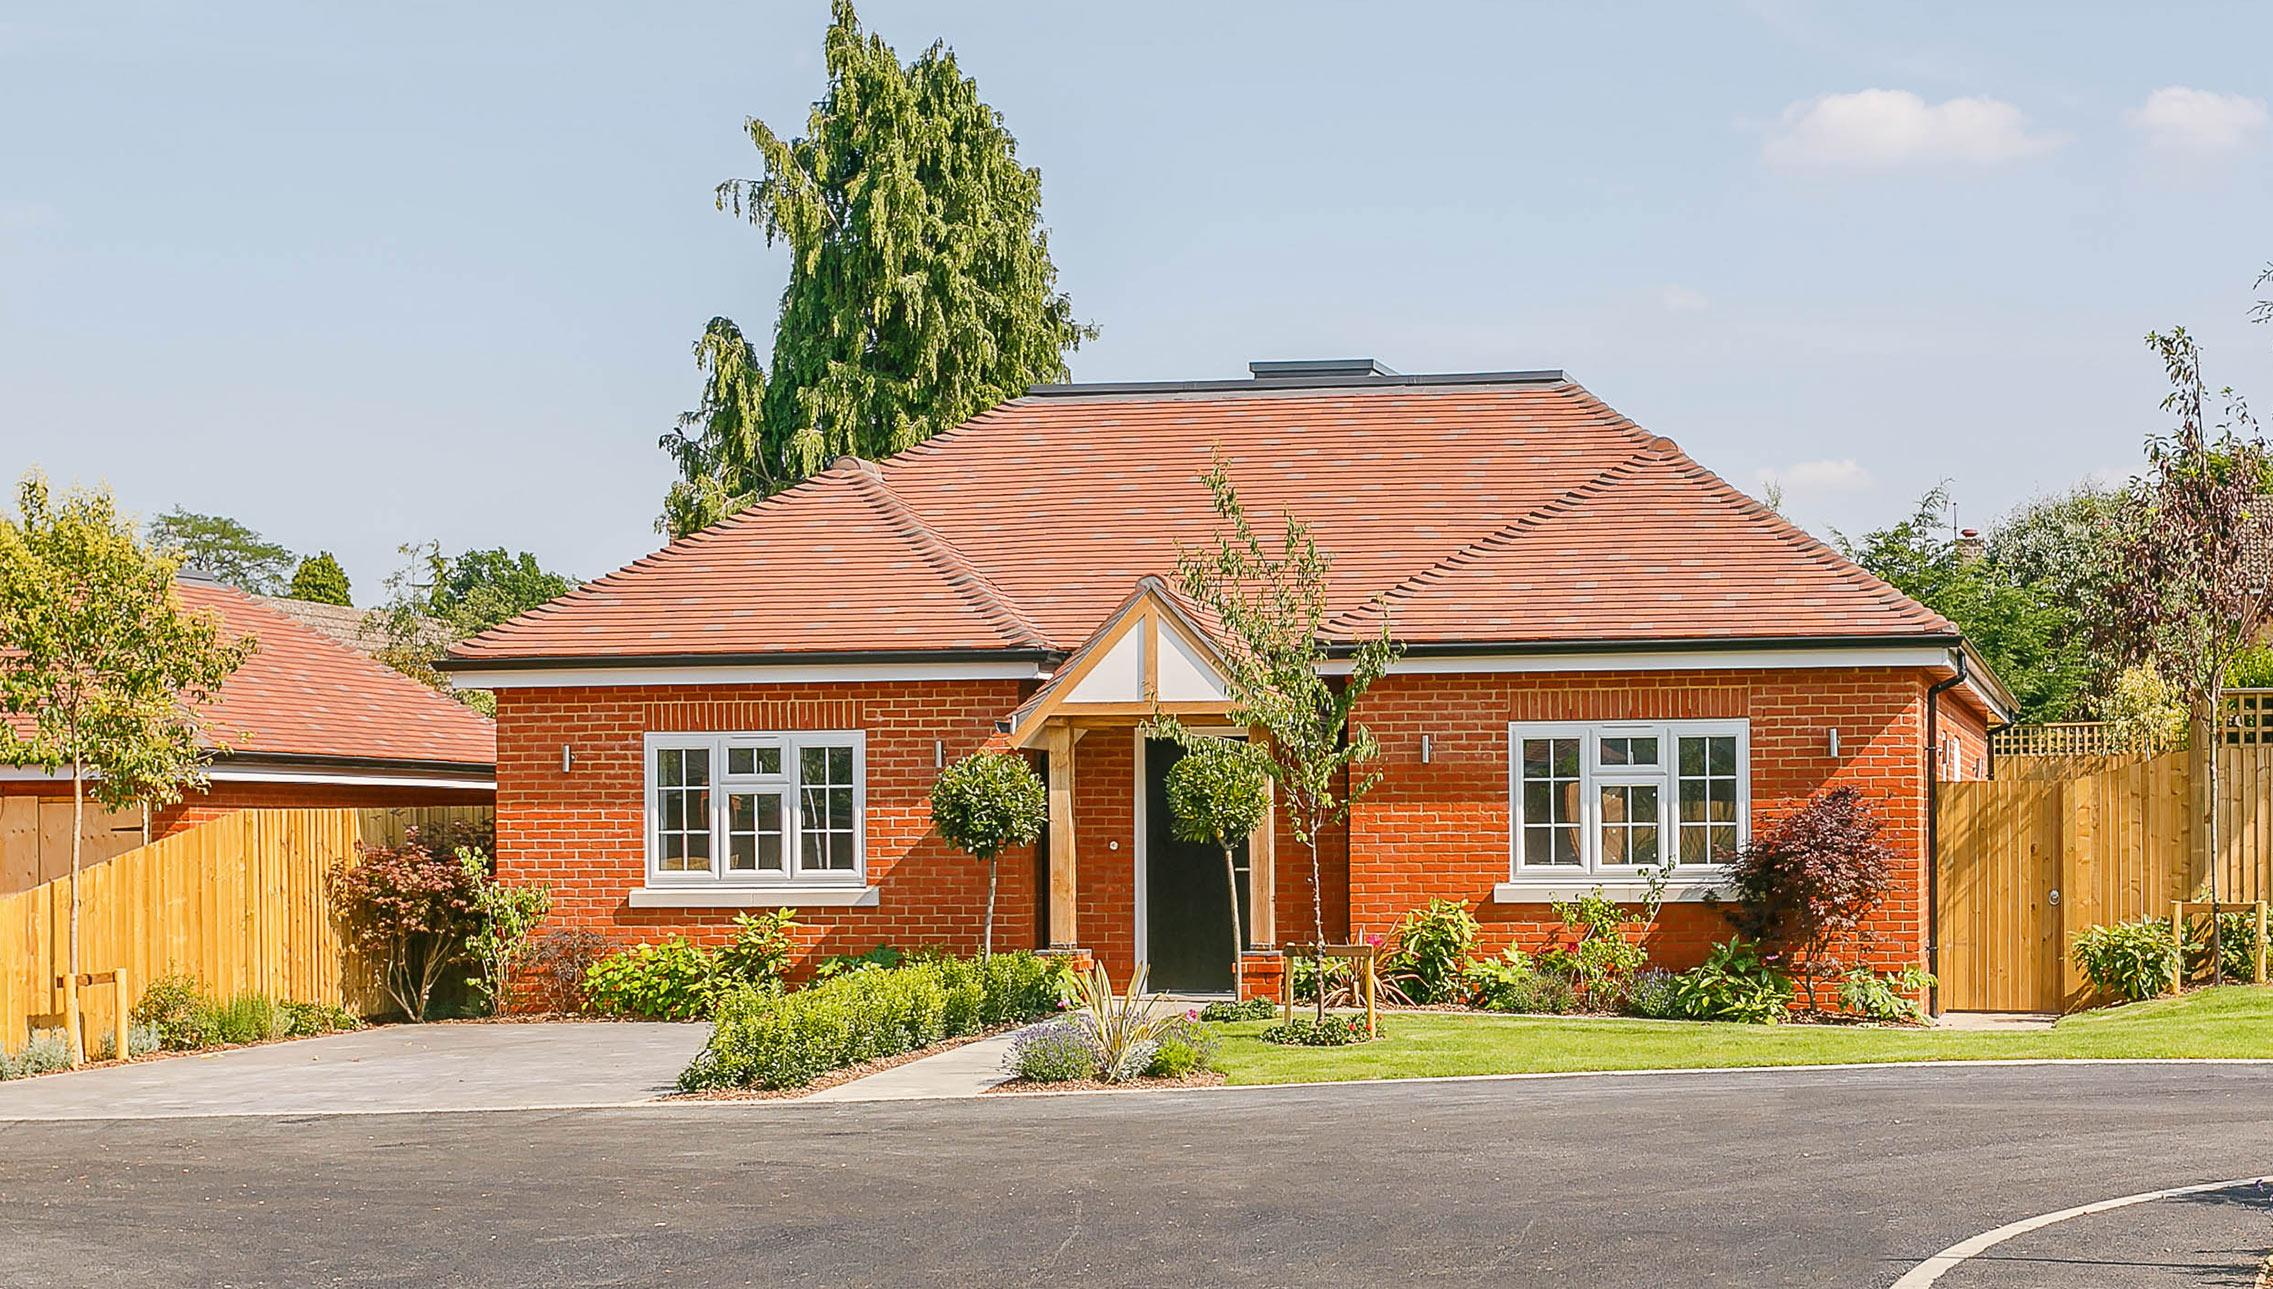 concept-developments-property-belmont-court-bungalow-home-page